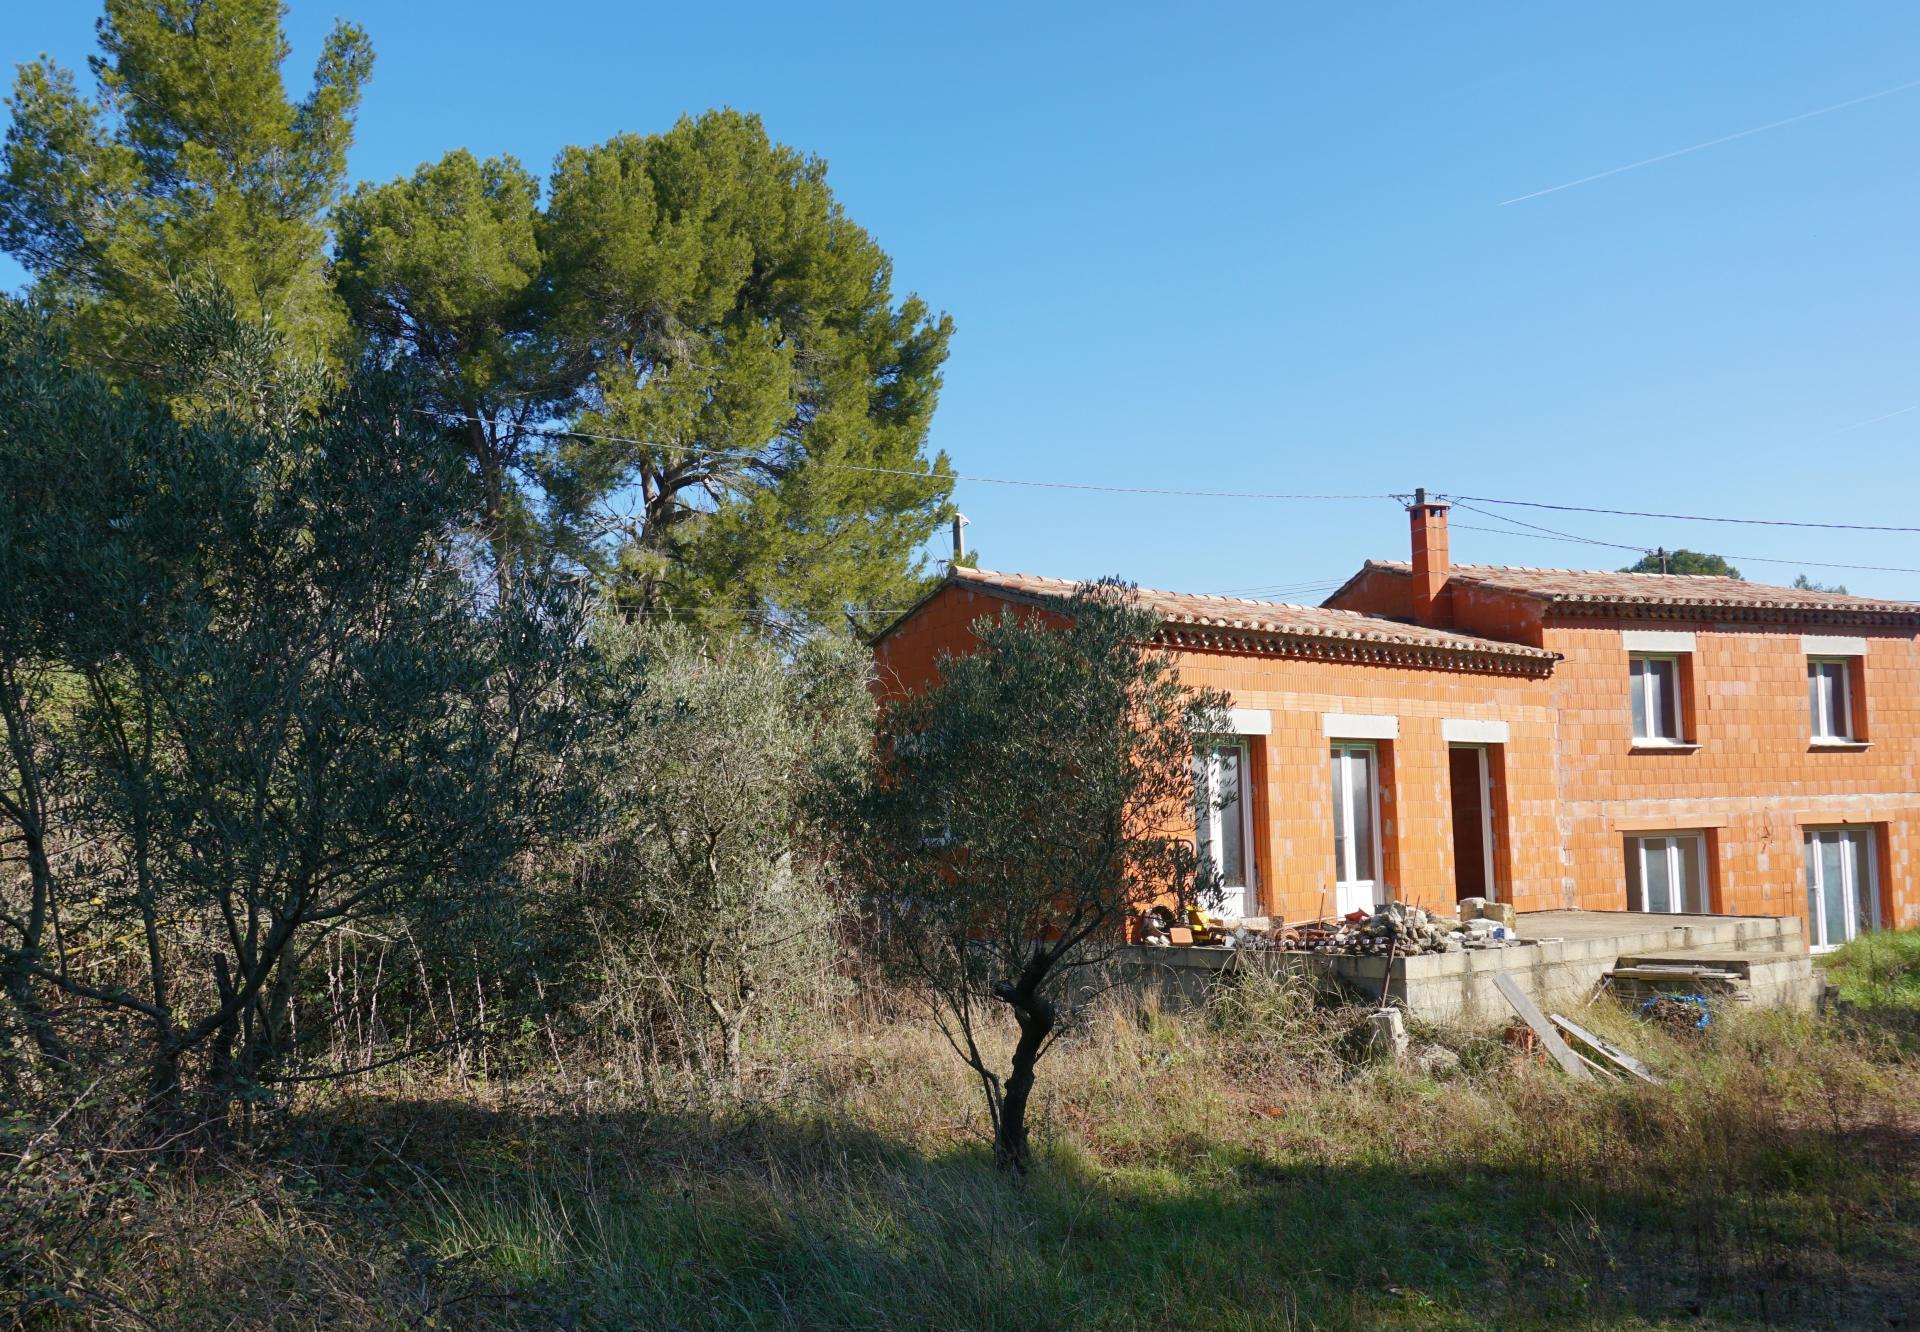 Affaire Exceptionnelle à réaliser Maison neuve de 170 m2 sur 2189 m2 de terrain sur les Haut de Beaucaire. Situation époustouflante avec un décor rare mélange d'oliviers falaise.